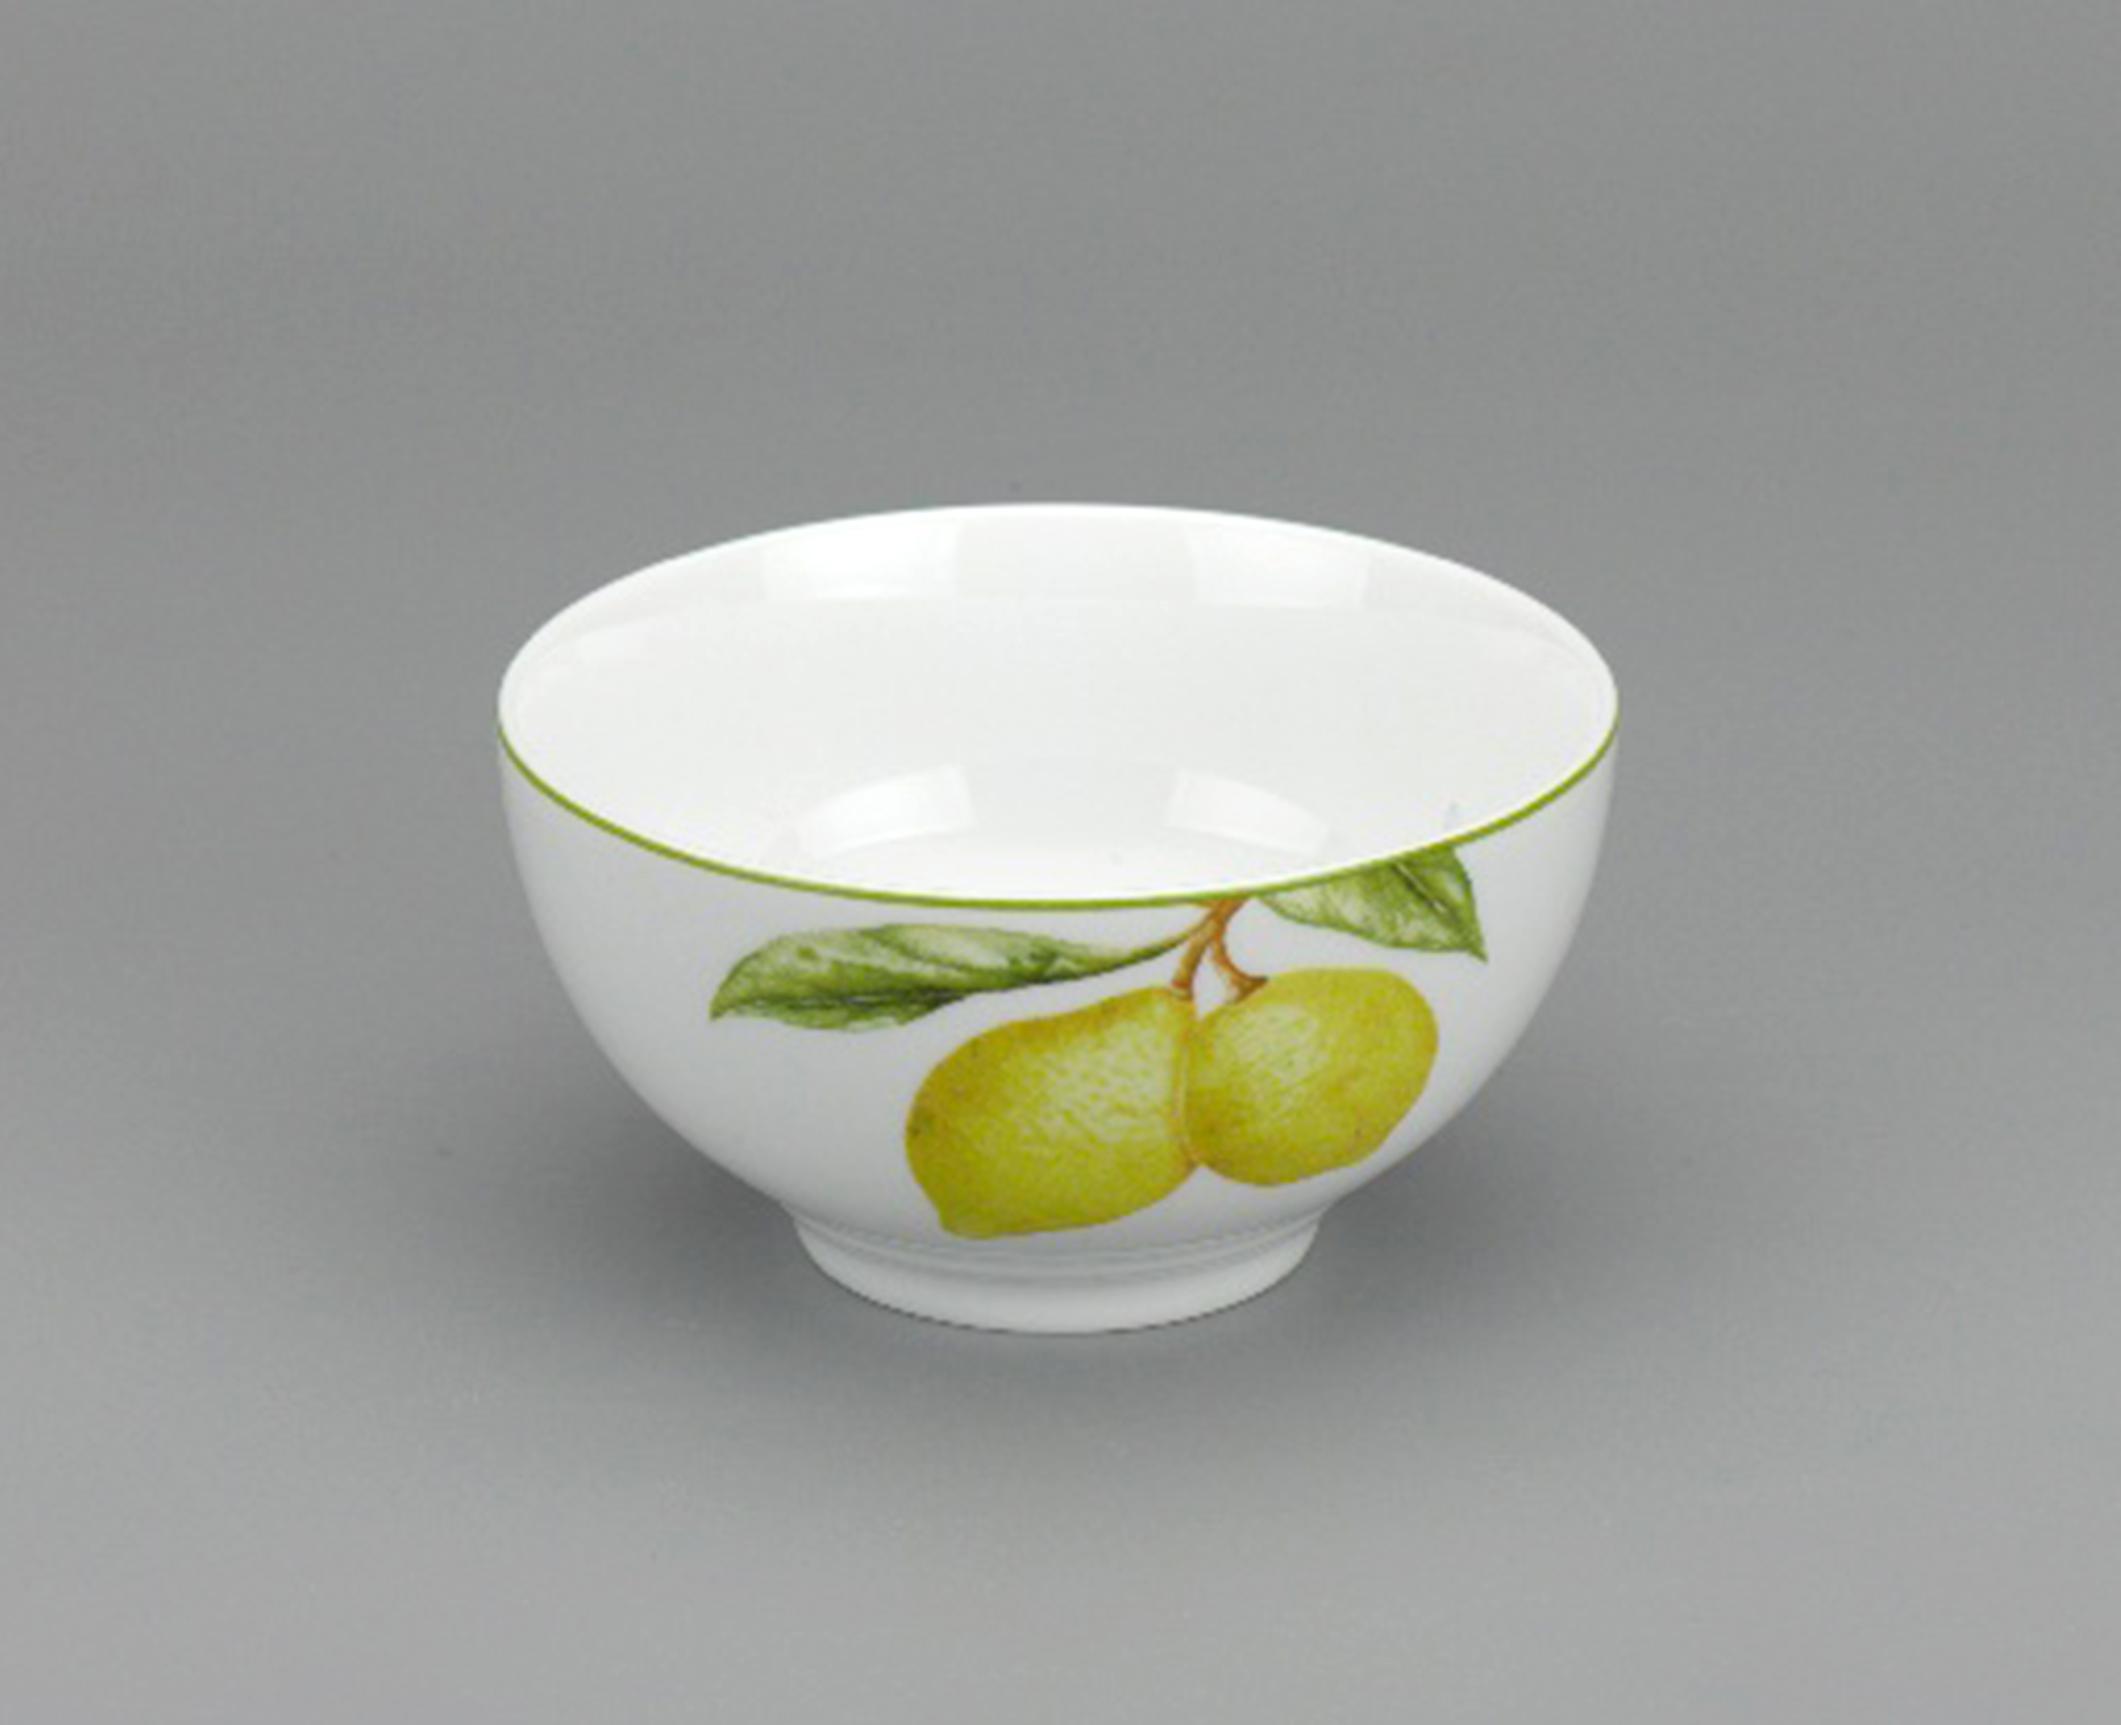 Chén cơm 12cm Camellia Quả Chanh 031219194 Minh Long